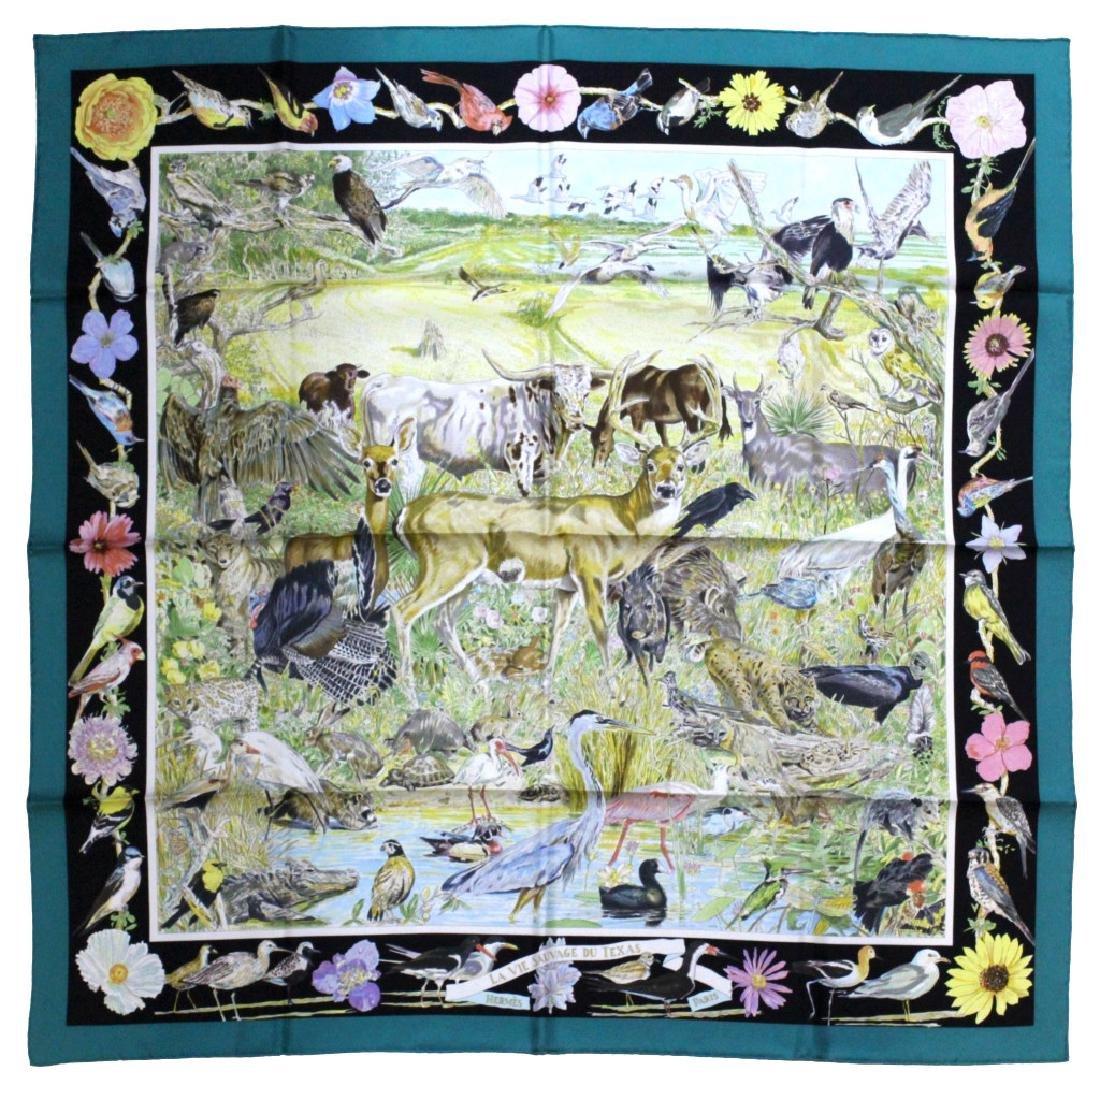 HERMES La Vie Sauvage du Texas Silk Scarf 36x36